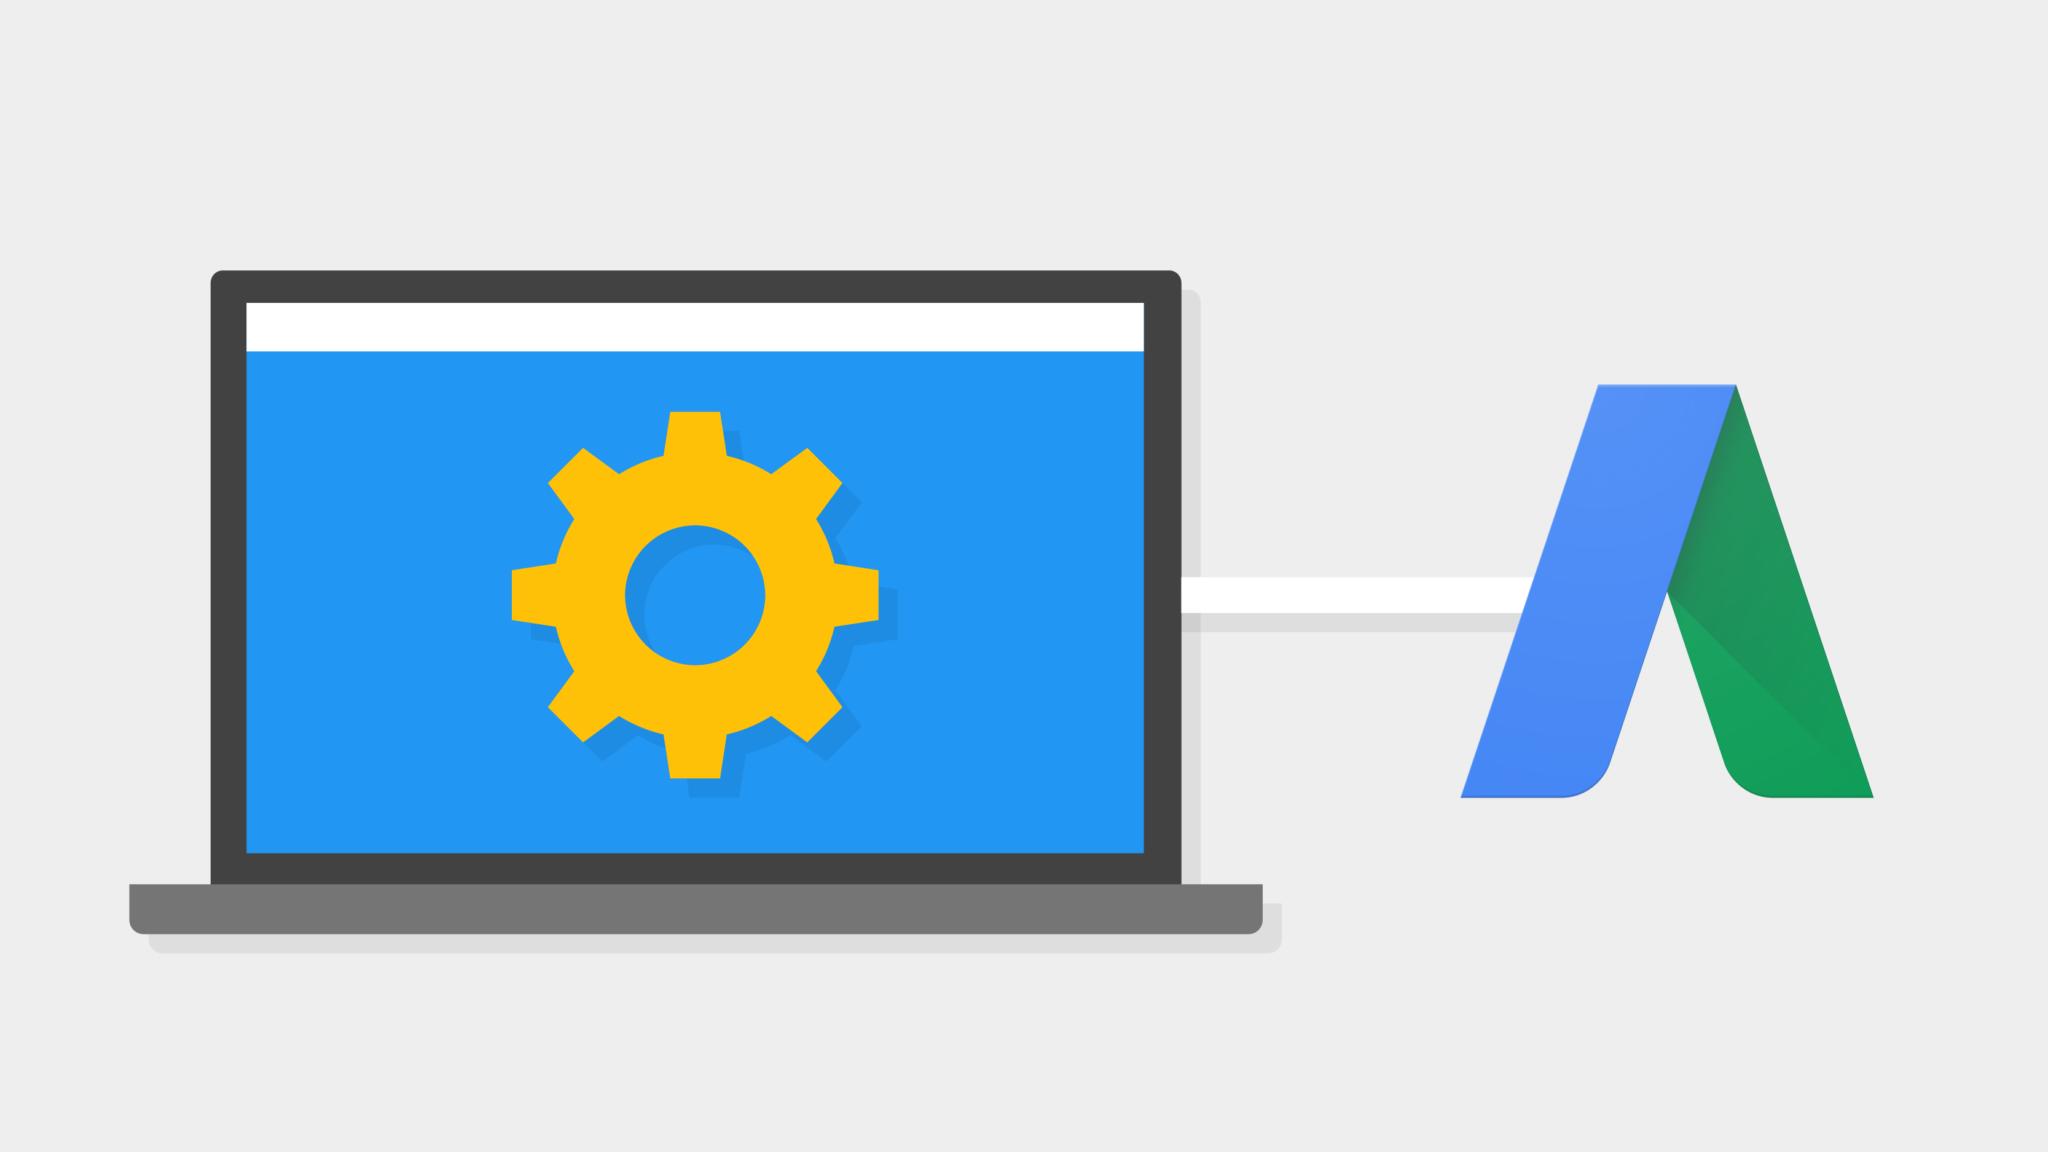 Adwords Plataformas que combinan el email marketing y retargeting